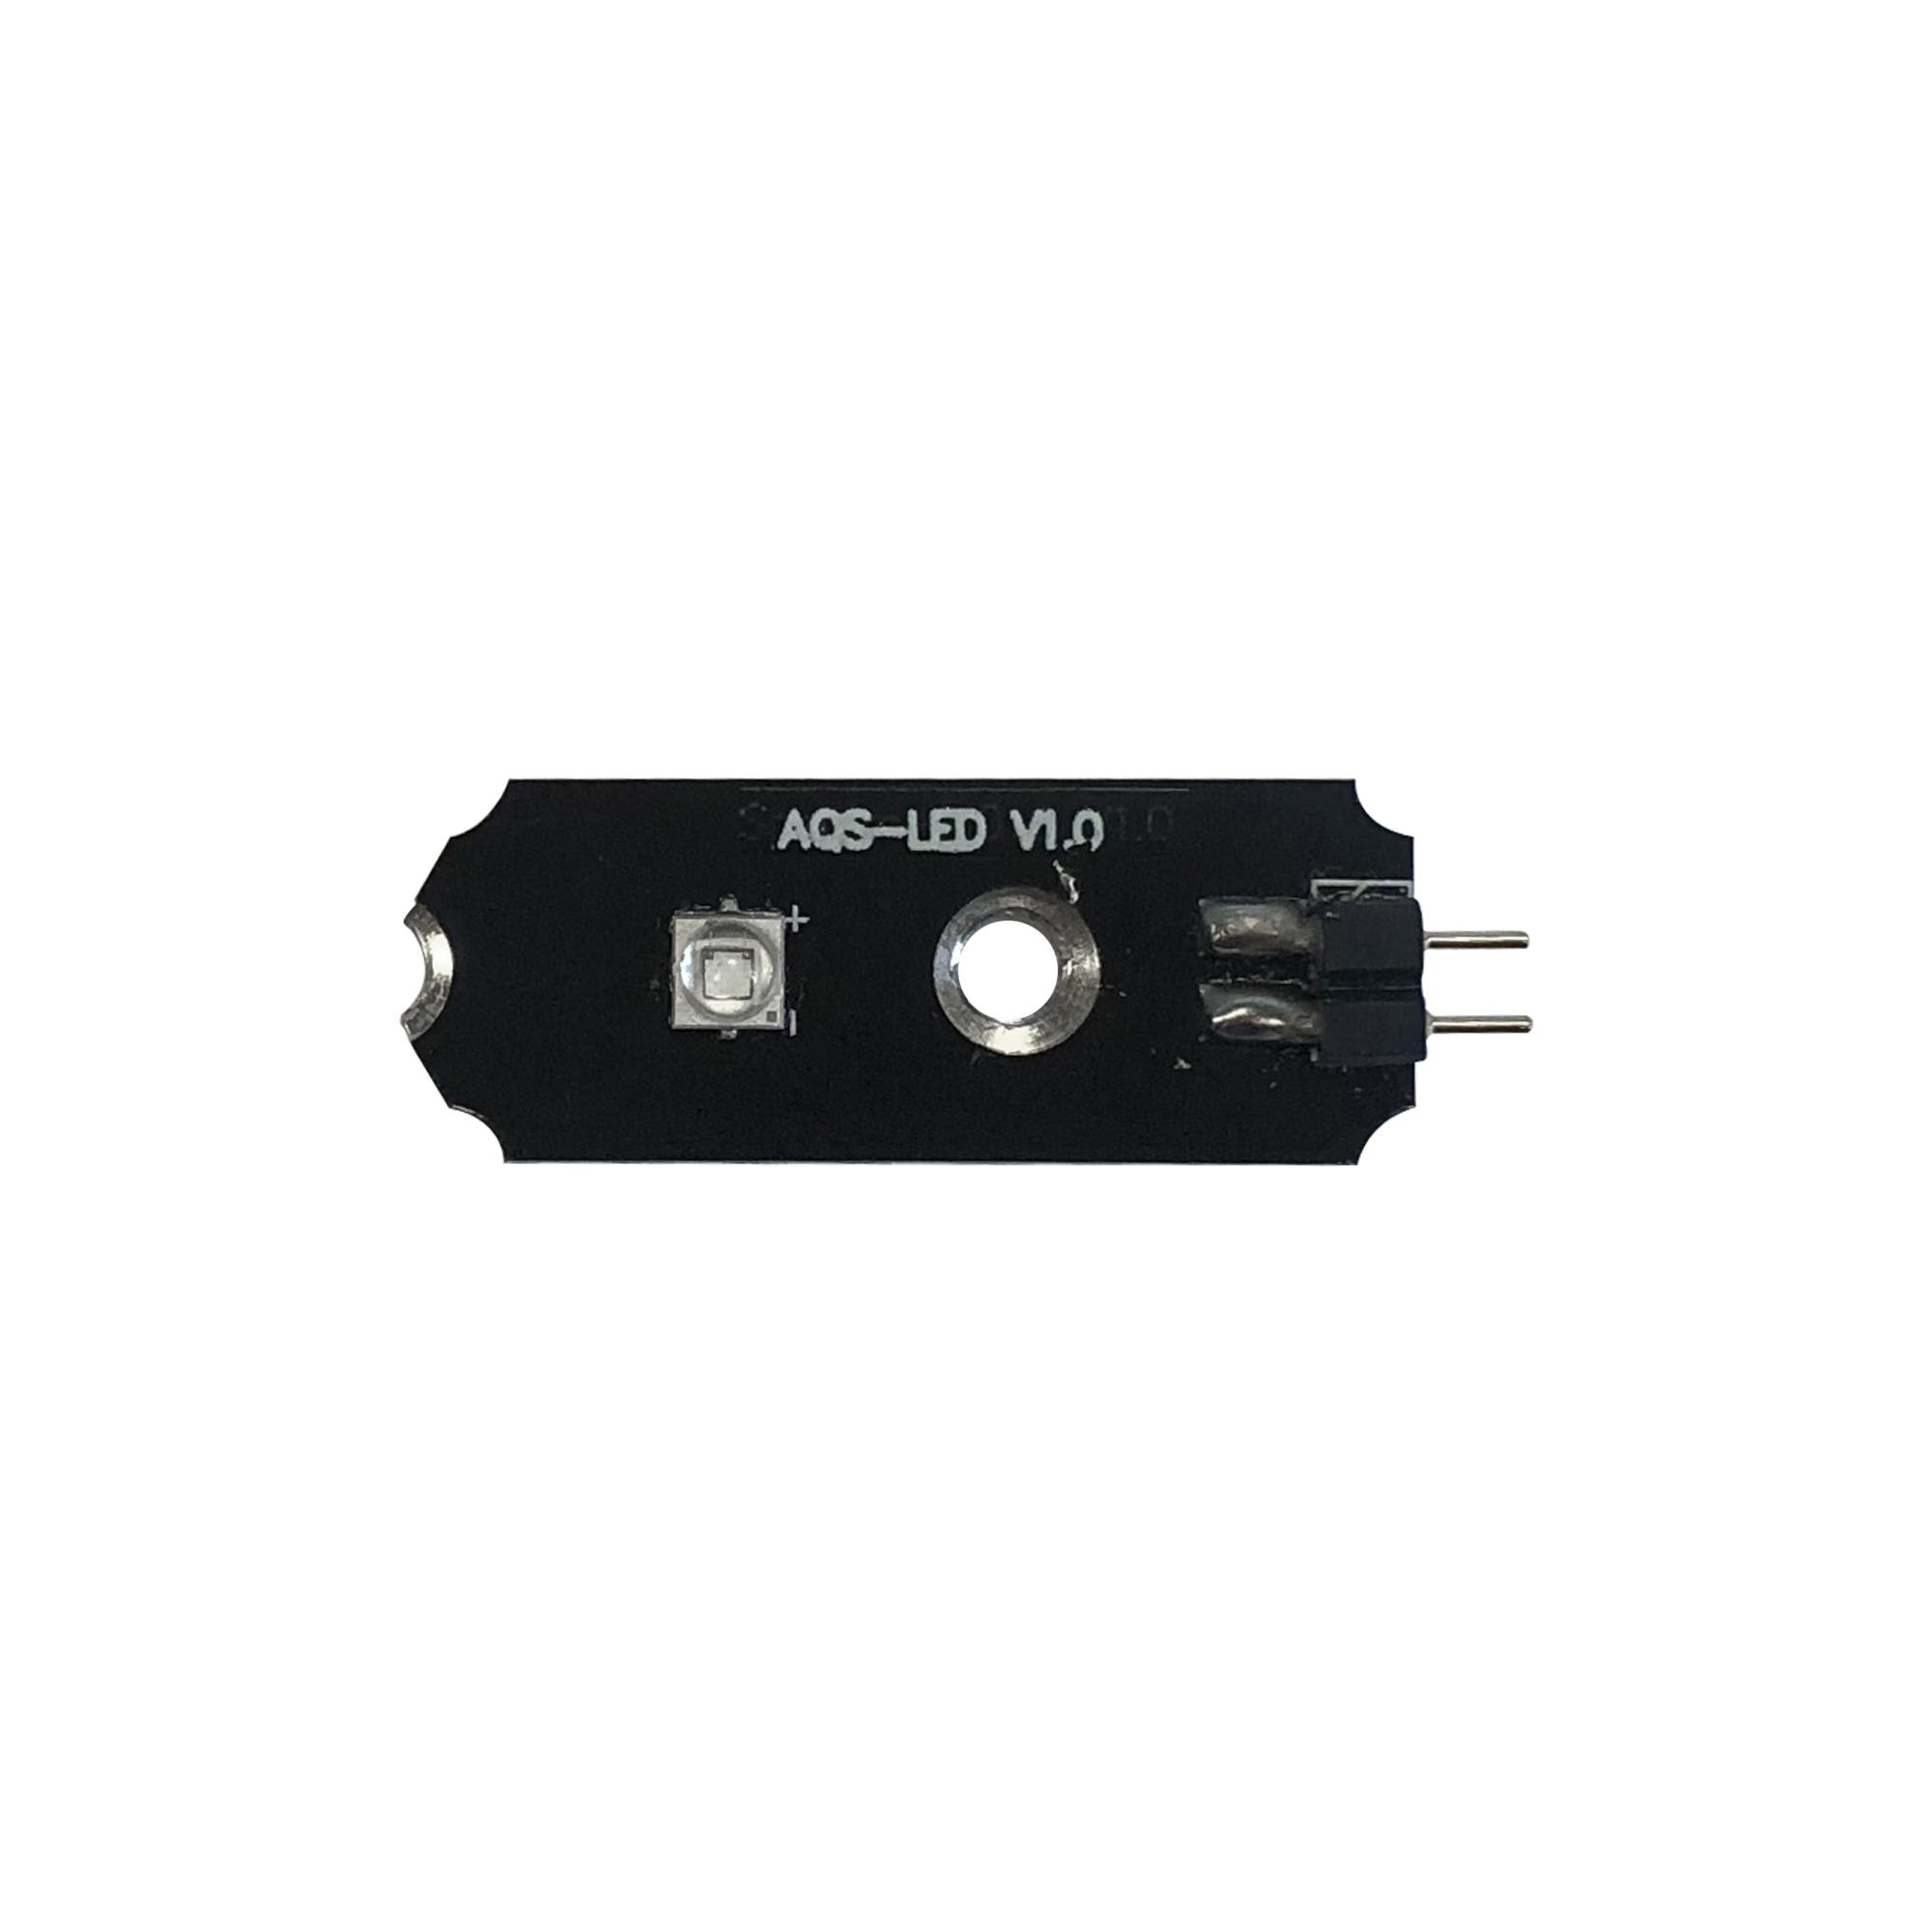 LED de rechange Blue 465-485nm 3W (Réf : 216129) pour Série 6 AQUARIUM SYSTEMS et ARCADIA